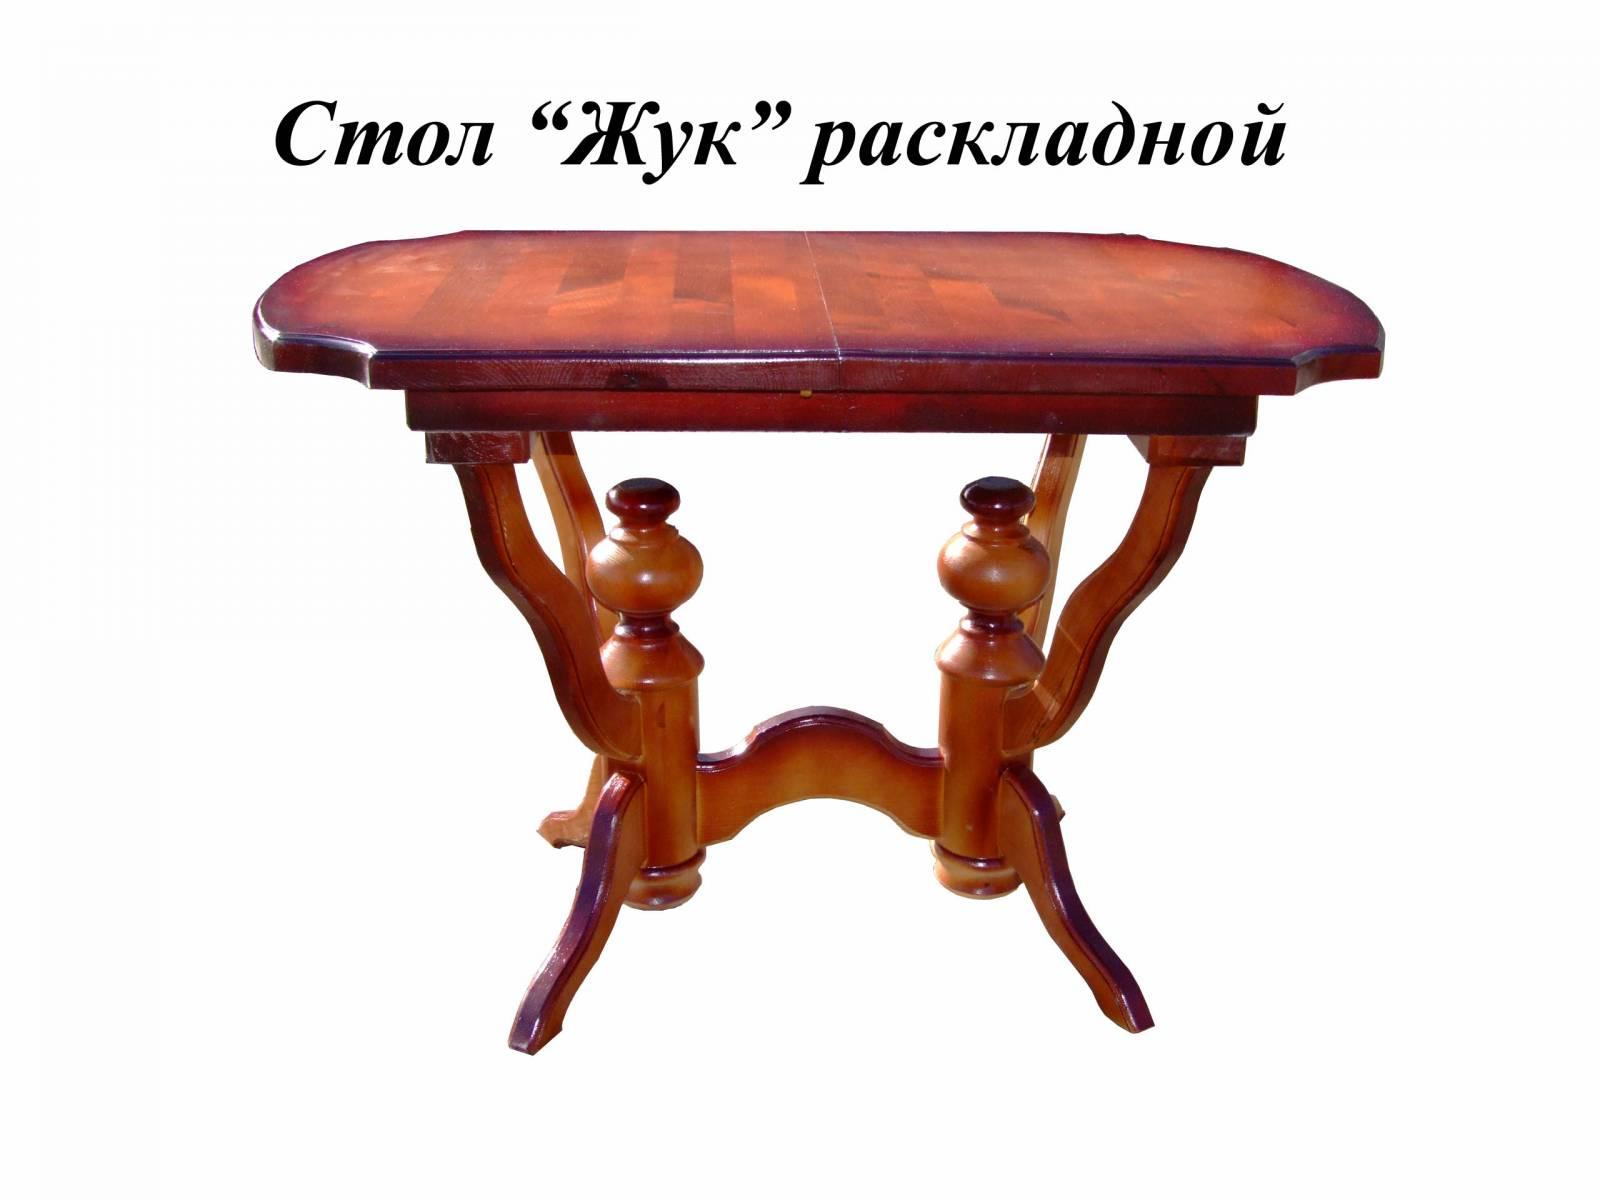 Москва 2 стол кухонный деревянный за 9200 руб. - mercurymeb..